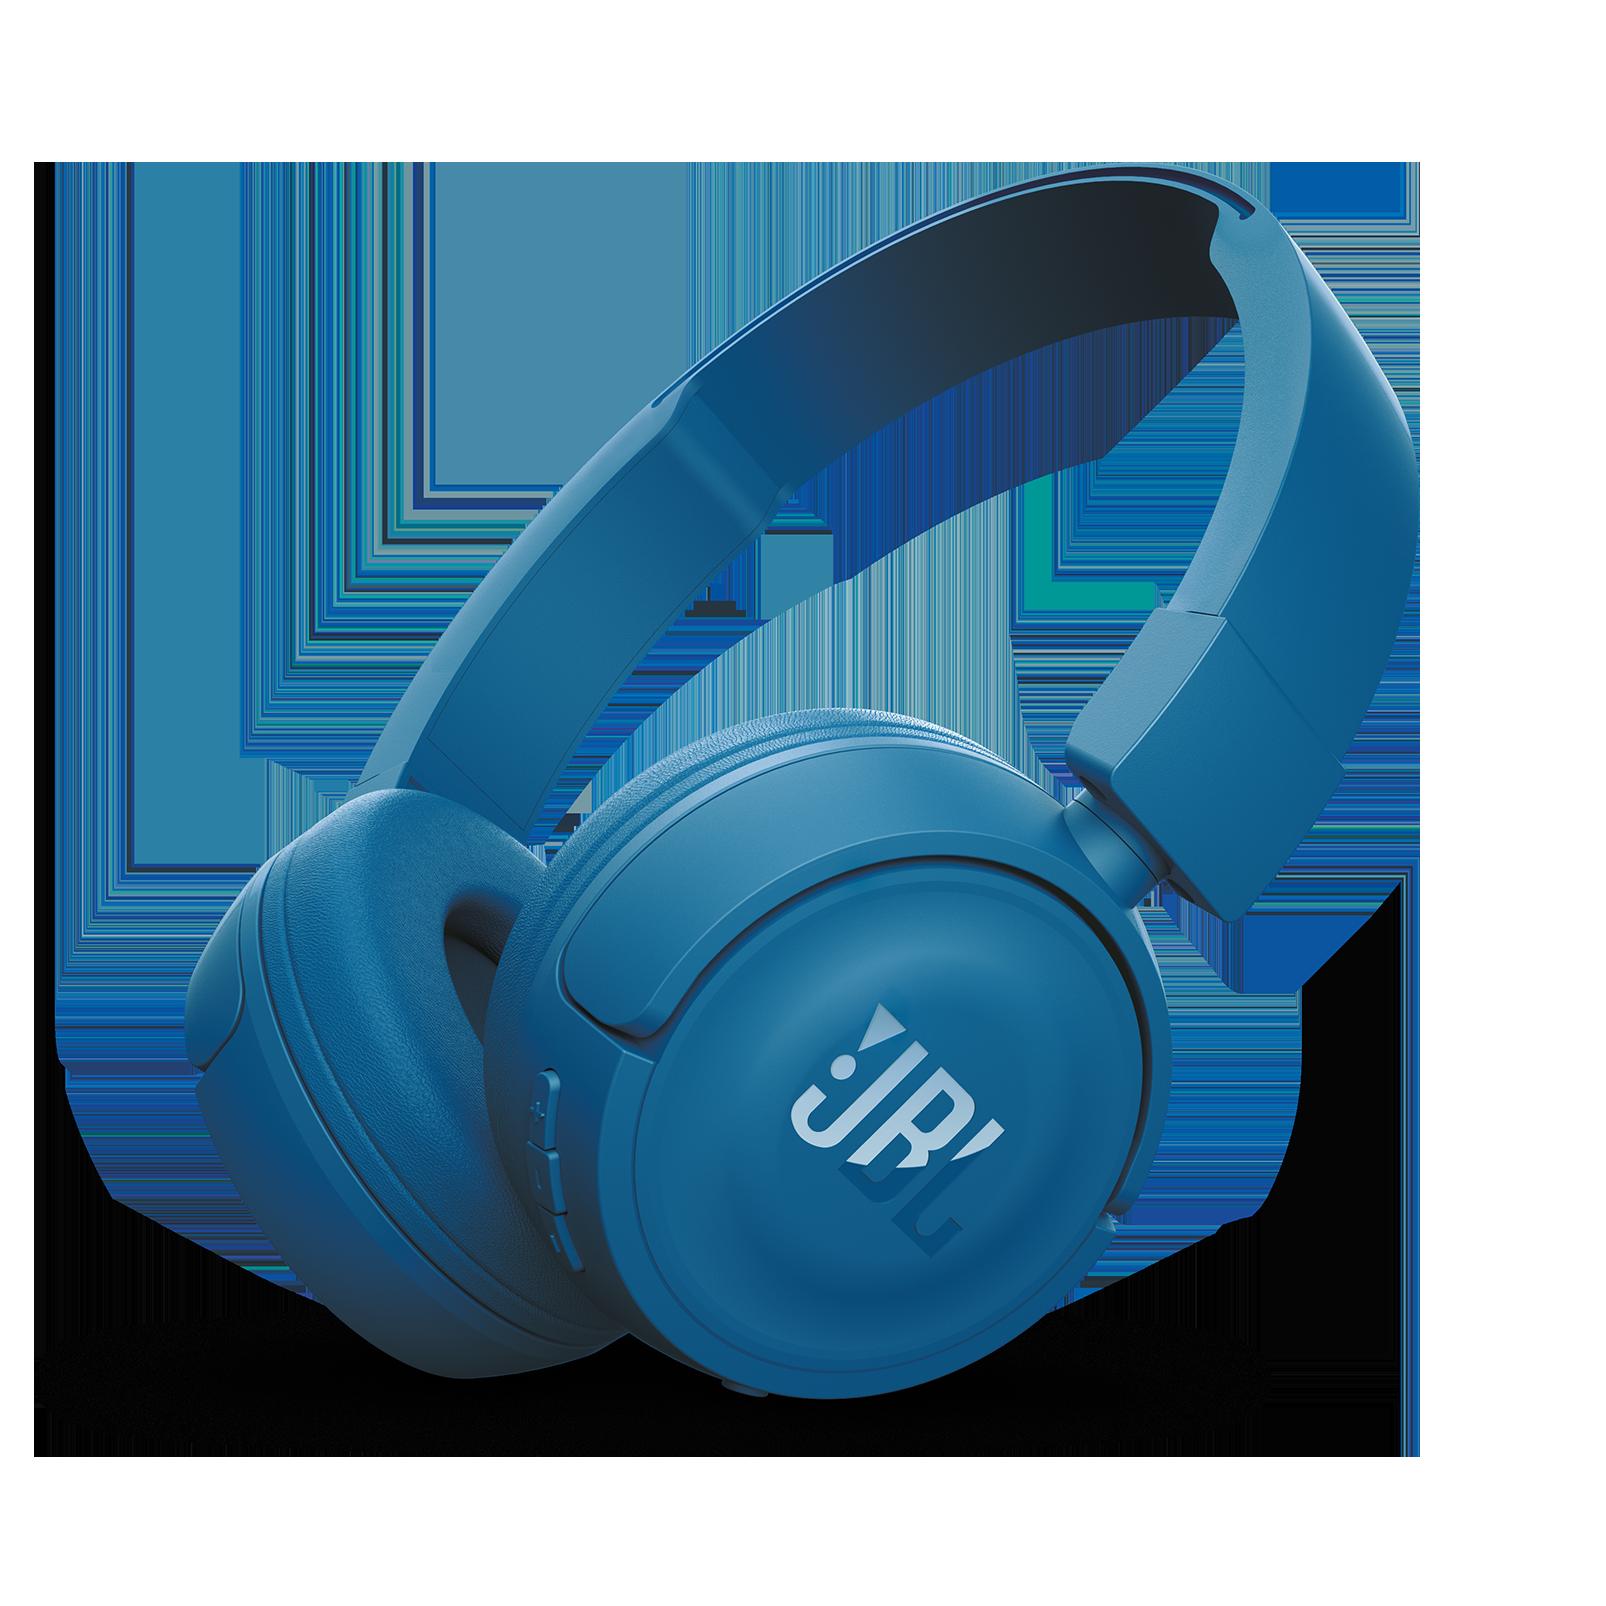 JBL T450BT - Blue - Wireless on-ear headphones - Hero